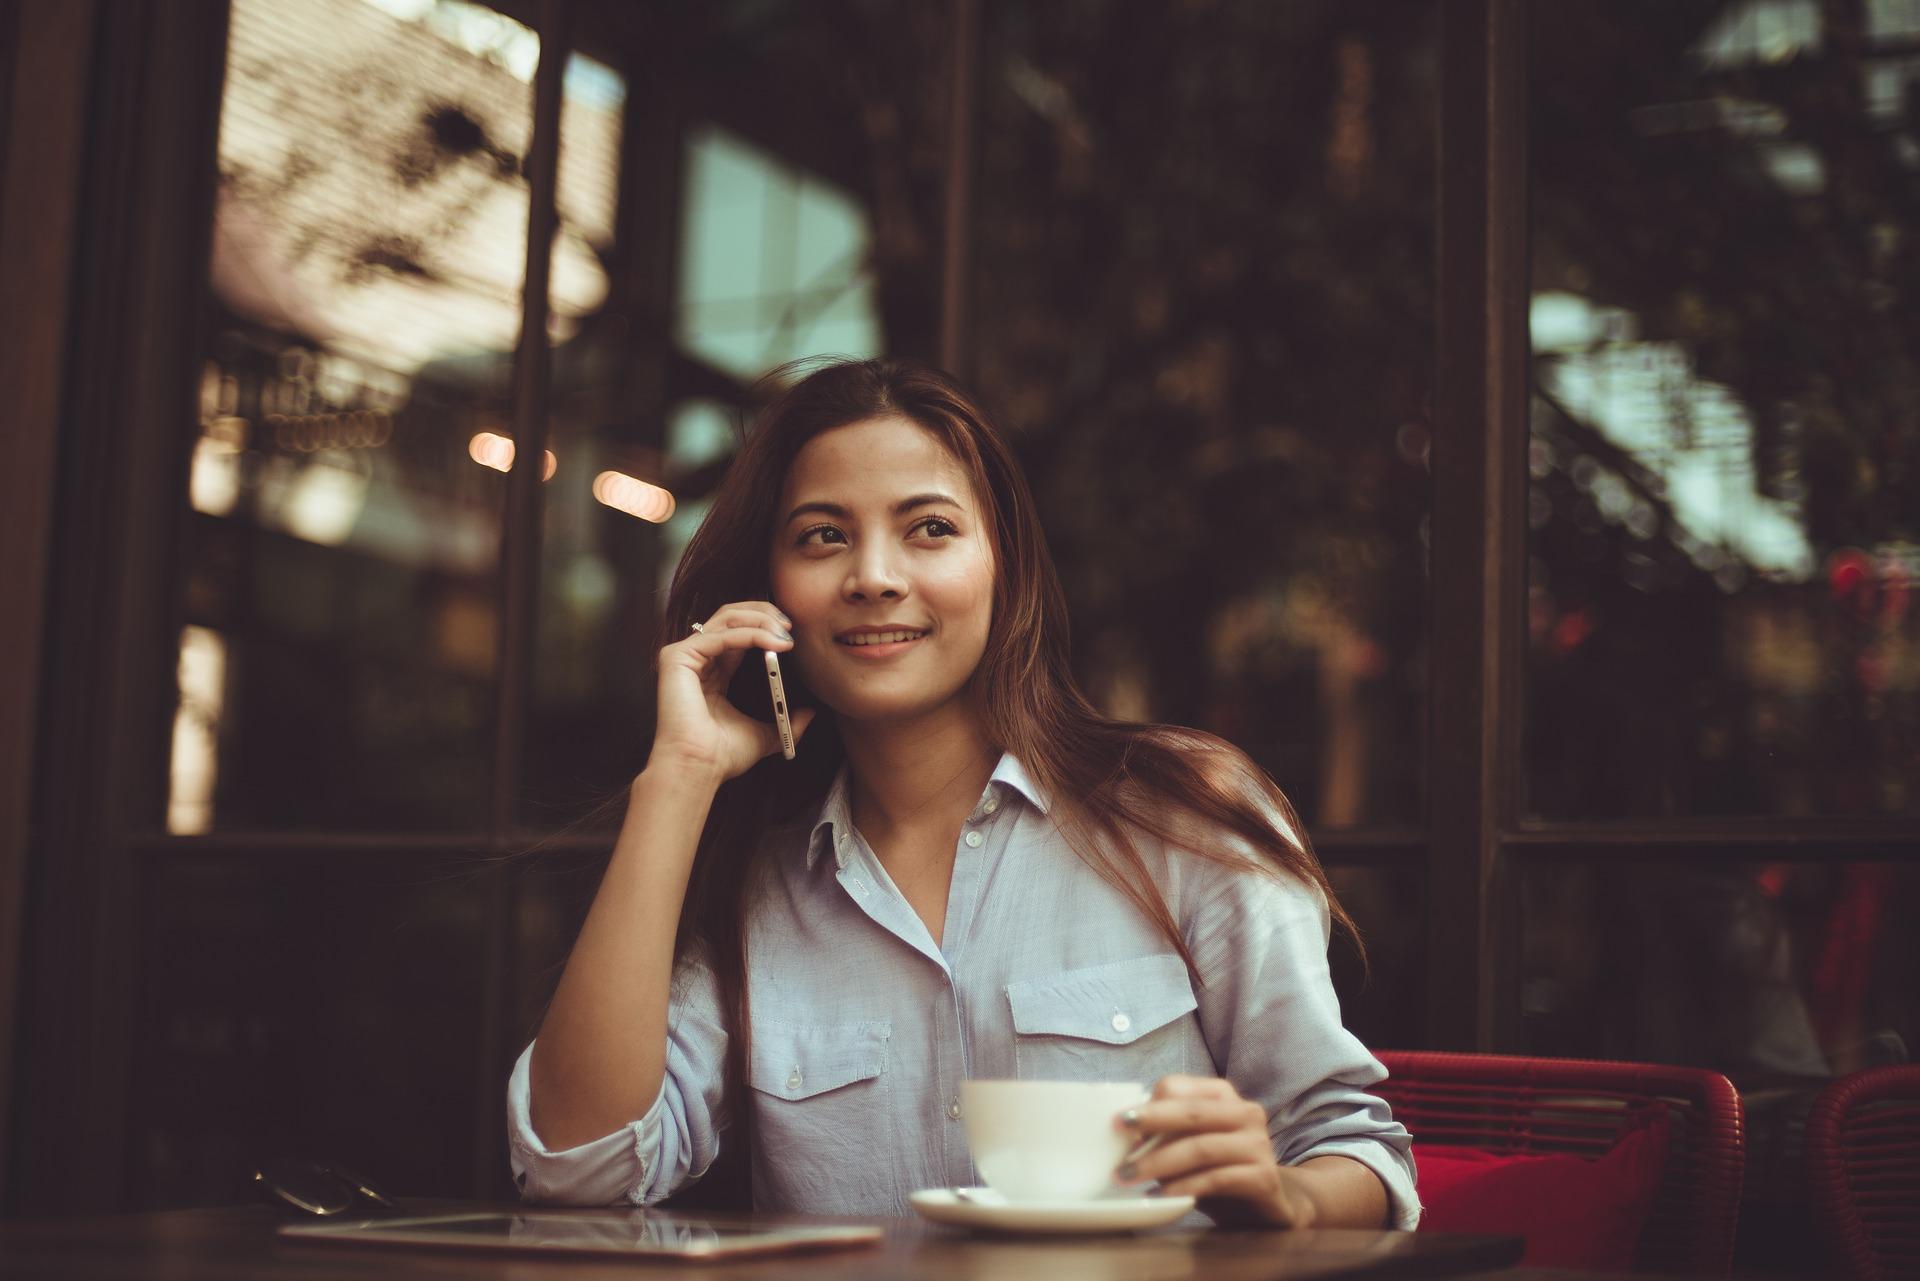 žena s telefónom